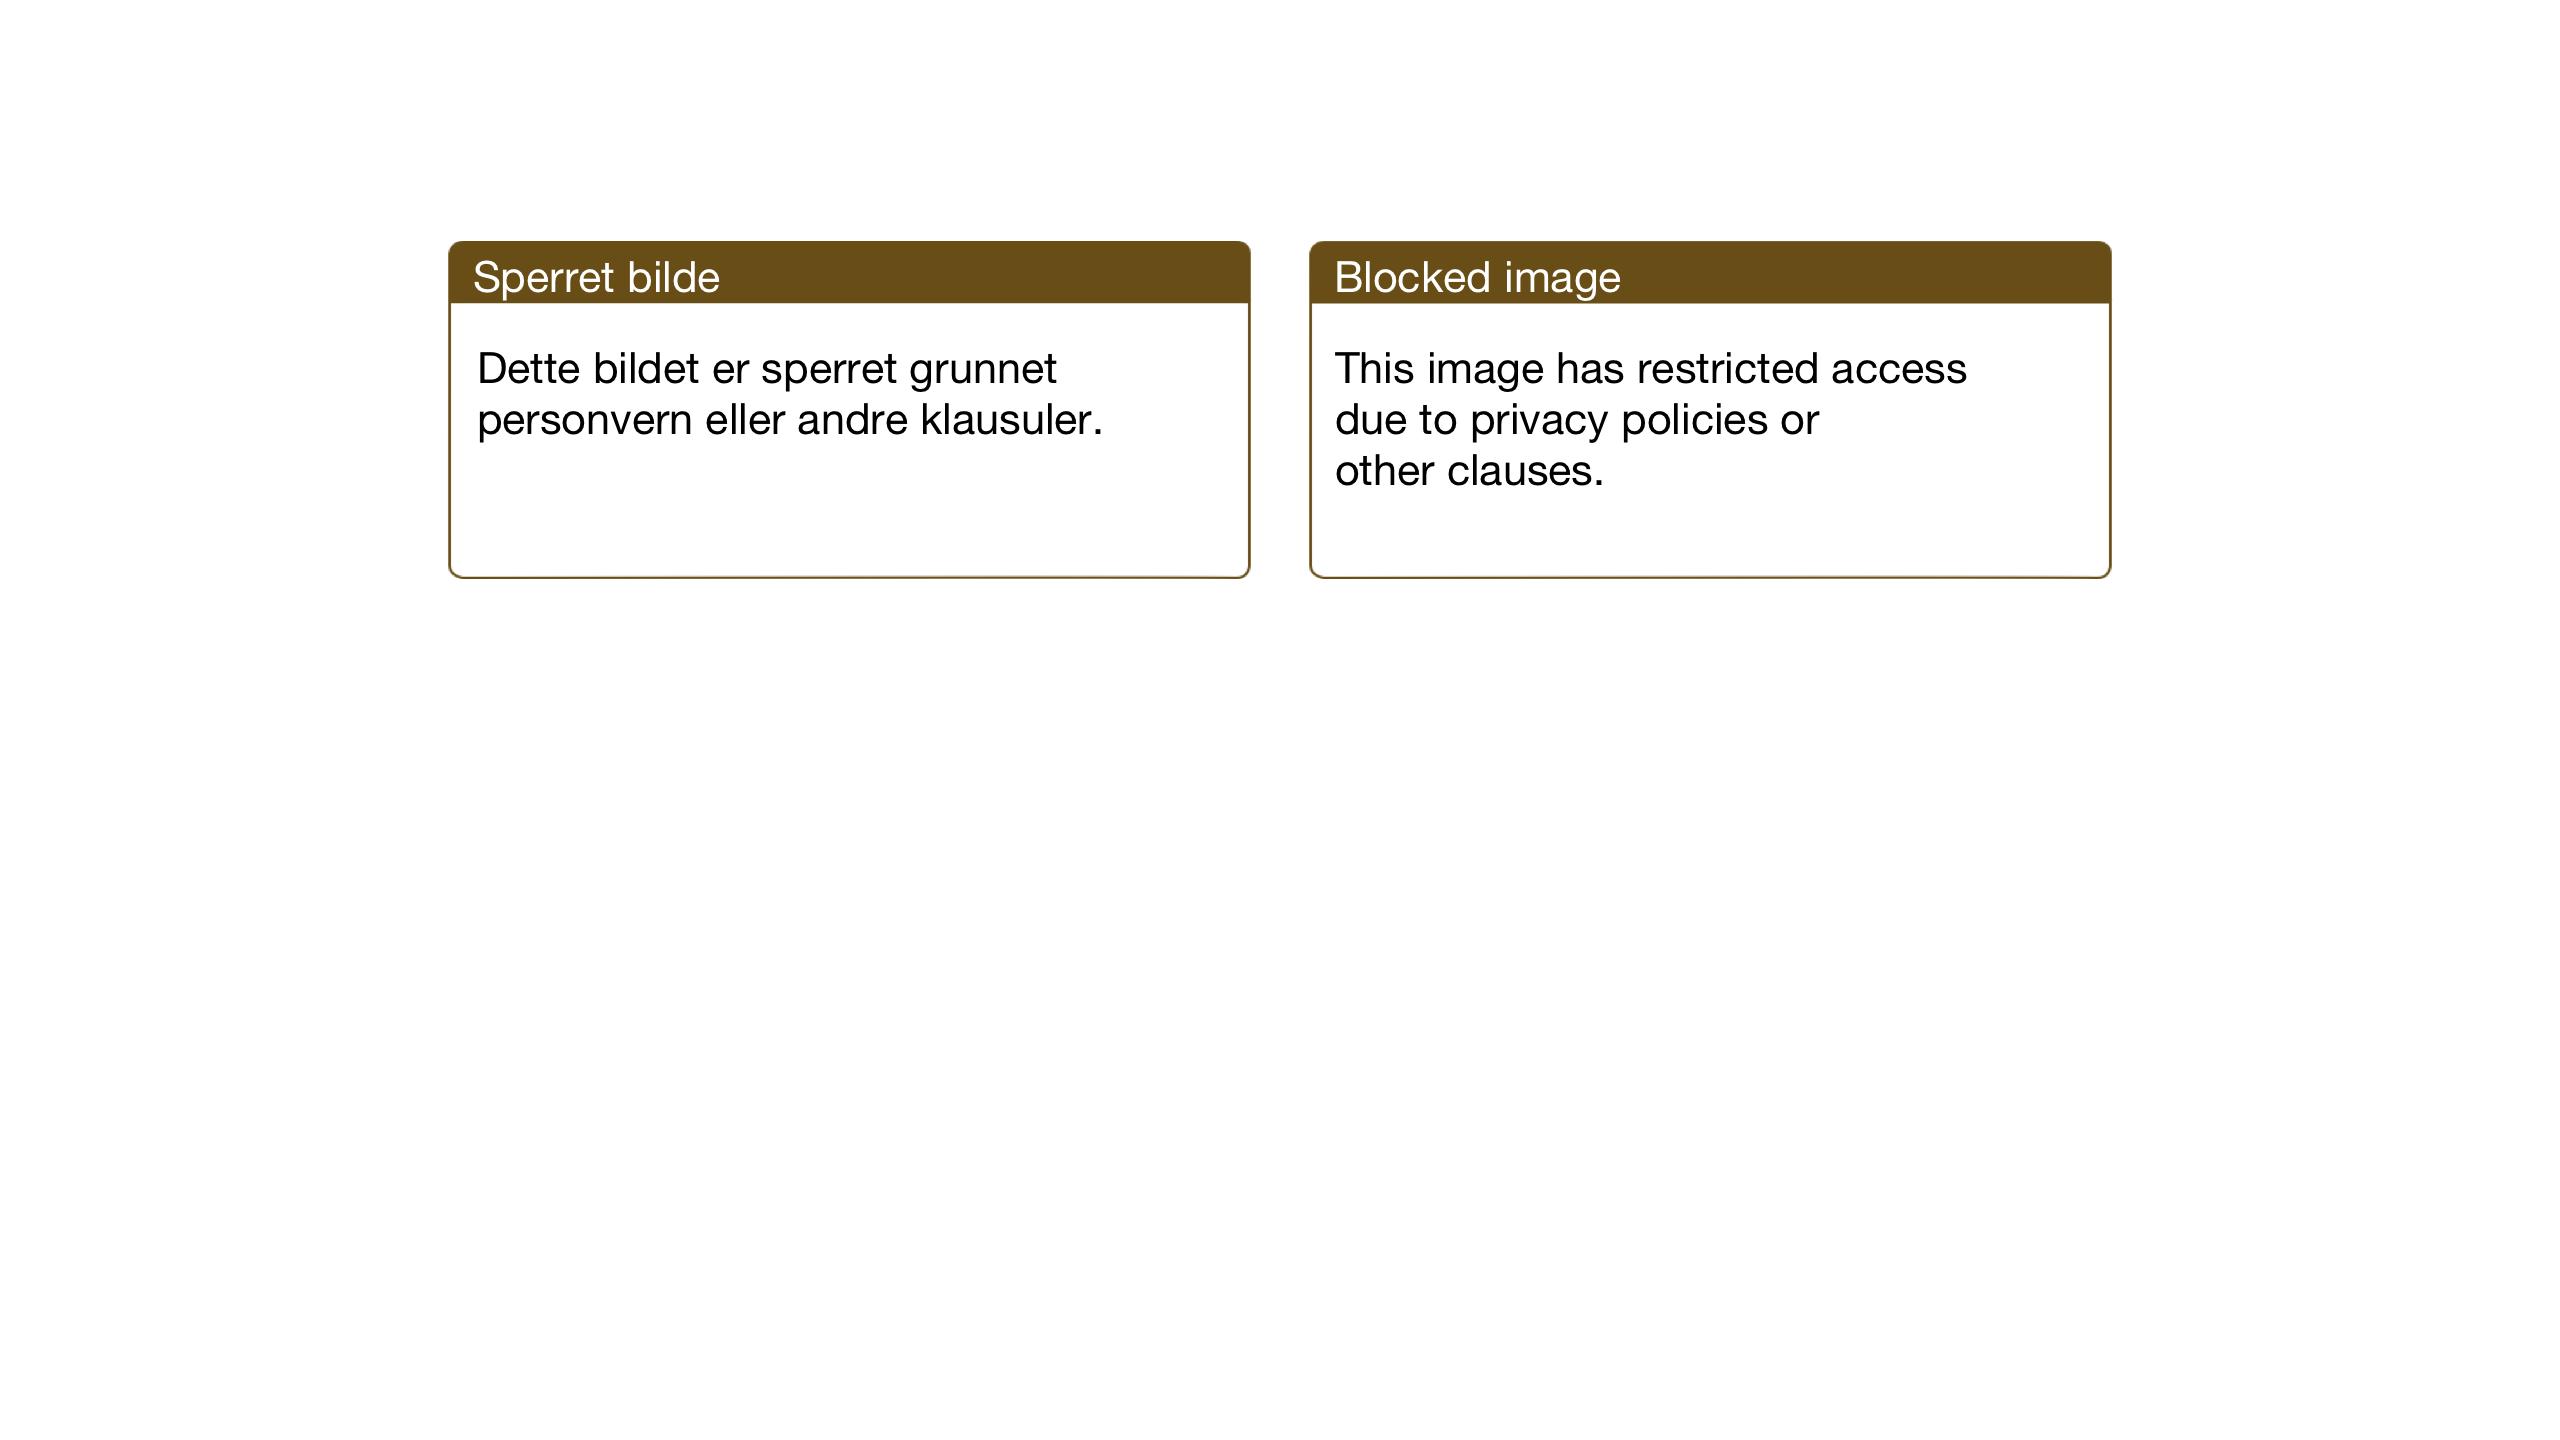 SAT, Ministerialprotokoller, klokkerbøker og fødselsregistre - Nord-Trøndelag, 740/L0384: Klokkerbok nr. 740C05, 1939-1946, s. 9